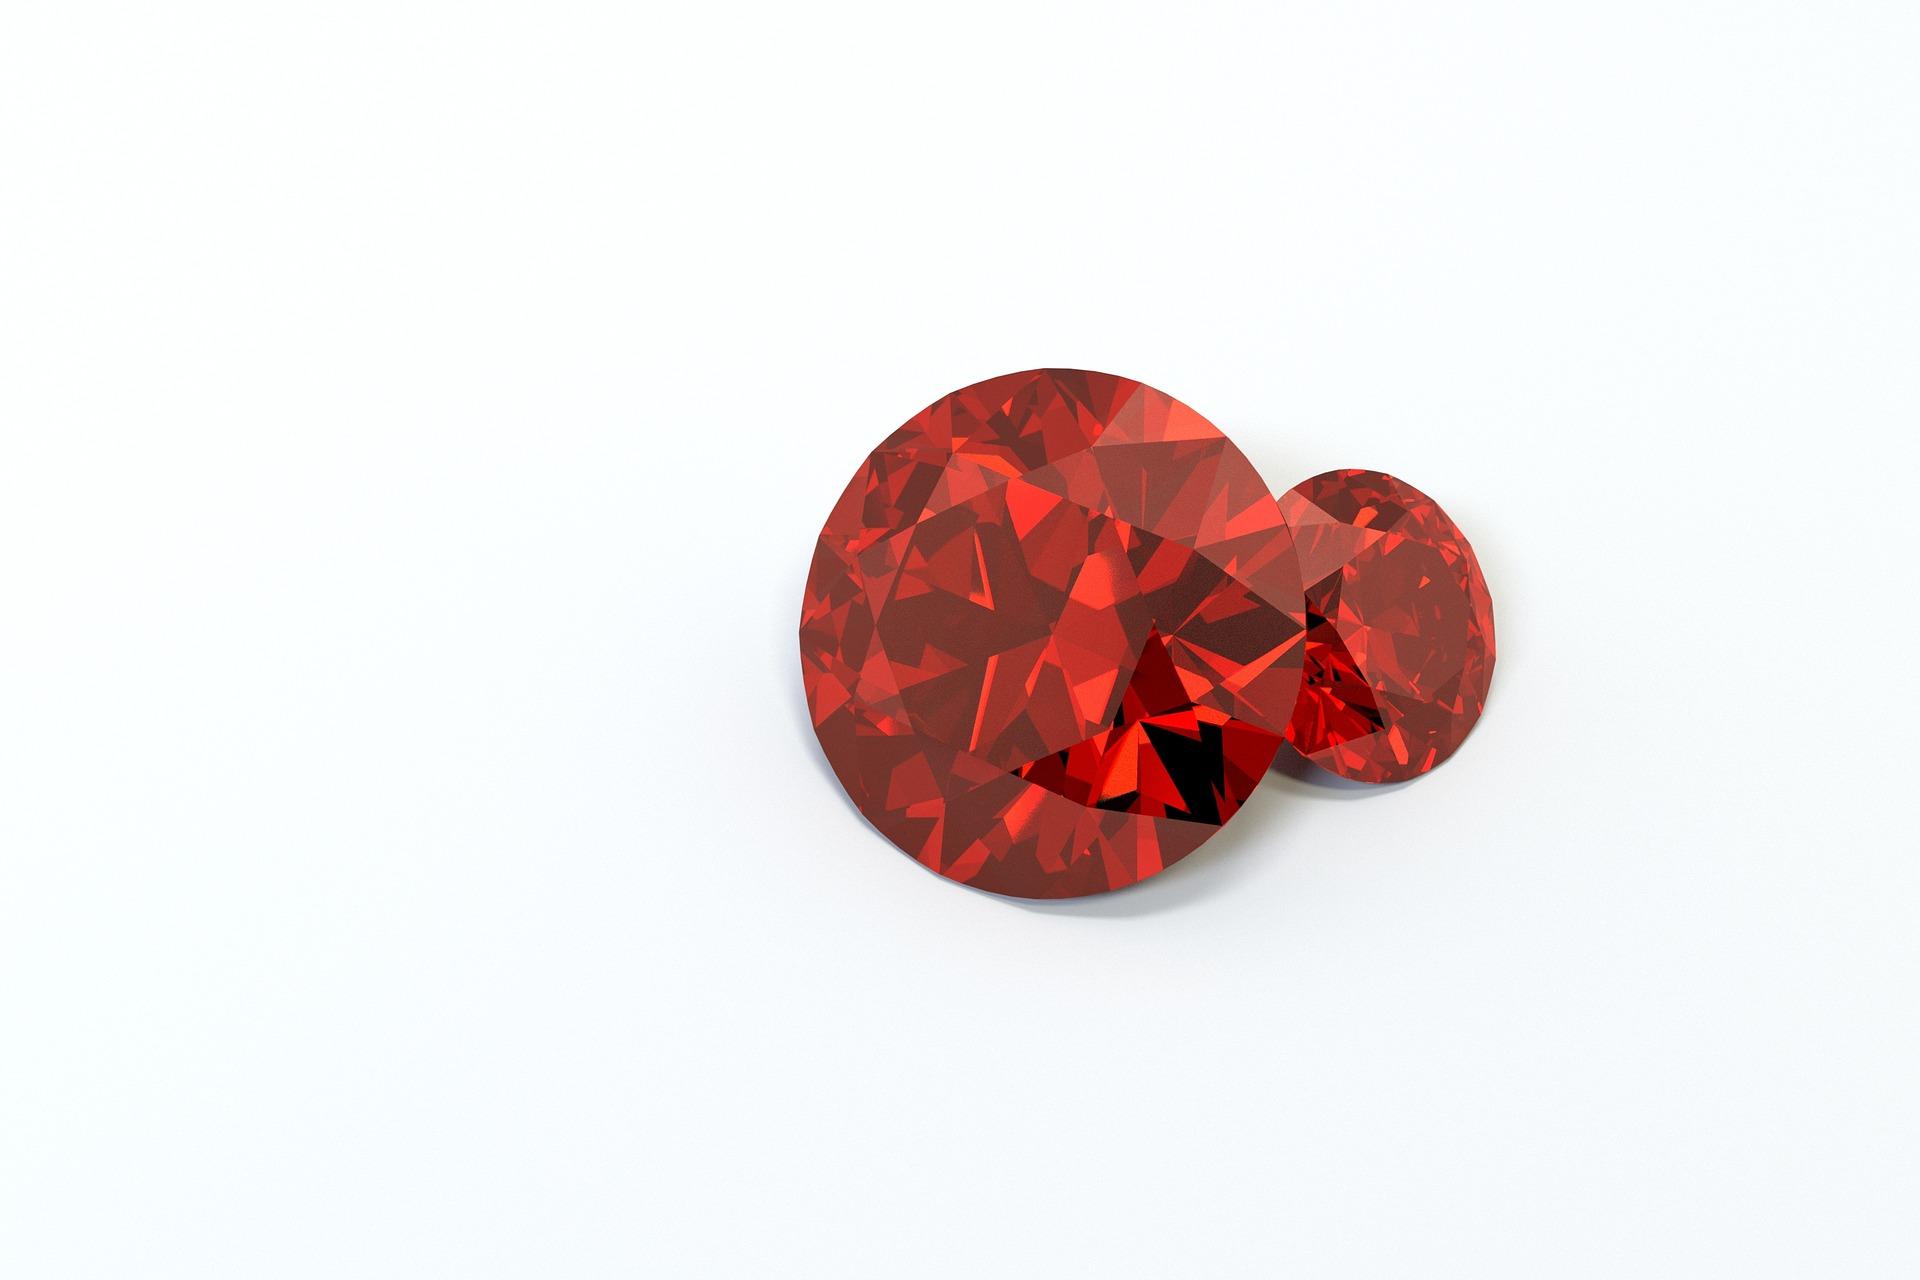 الفوائد المترتبة على إرتداء حجر الياقوت الأحمر